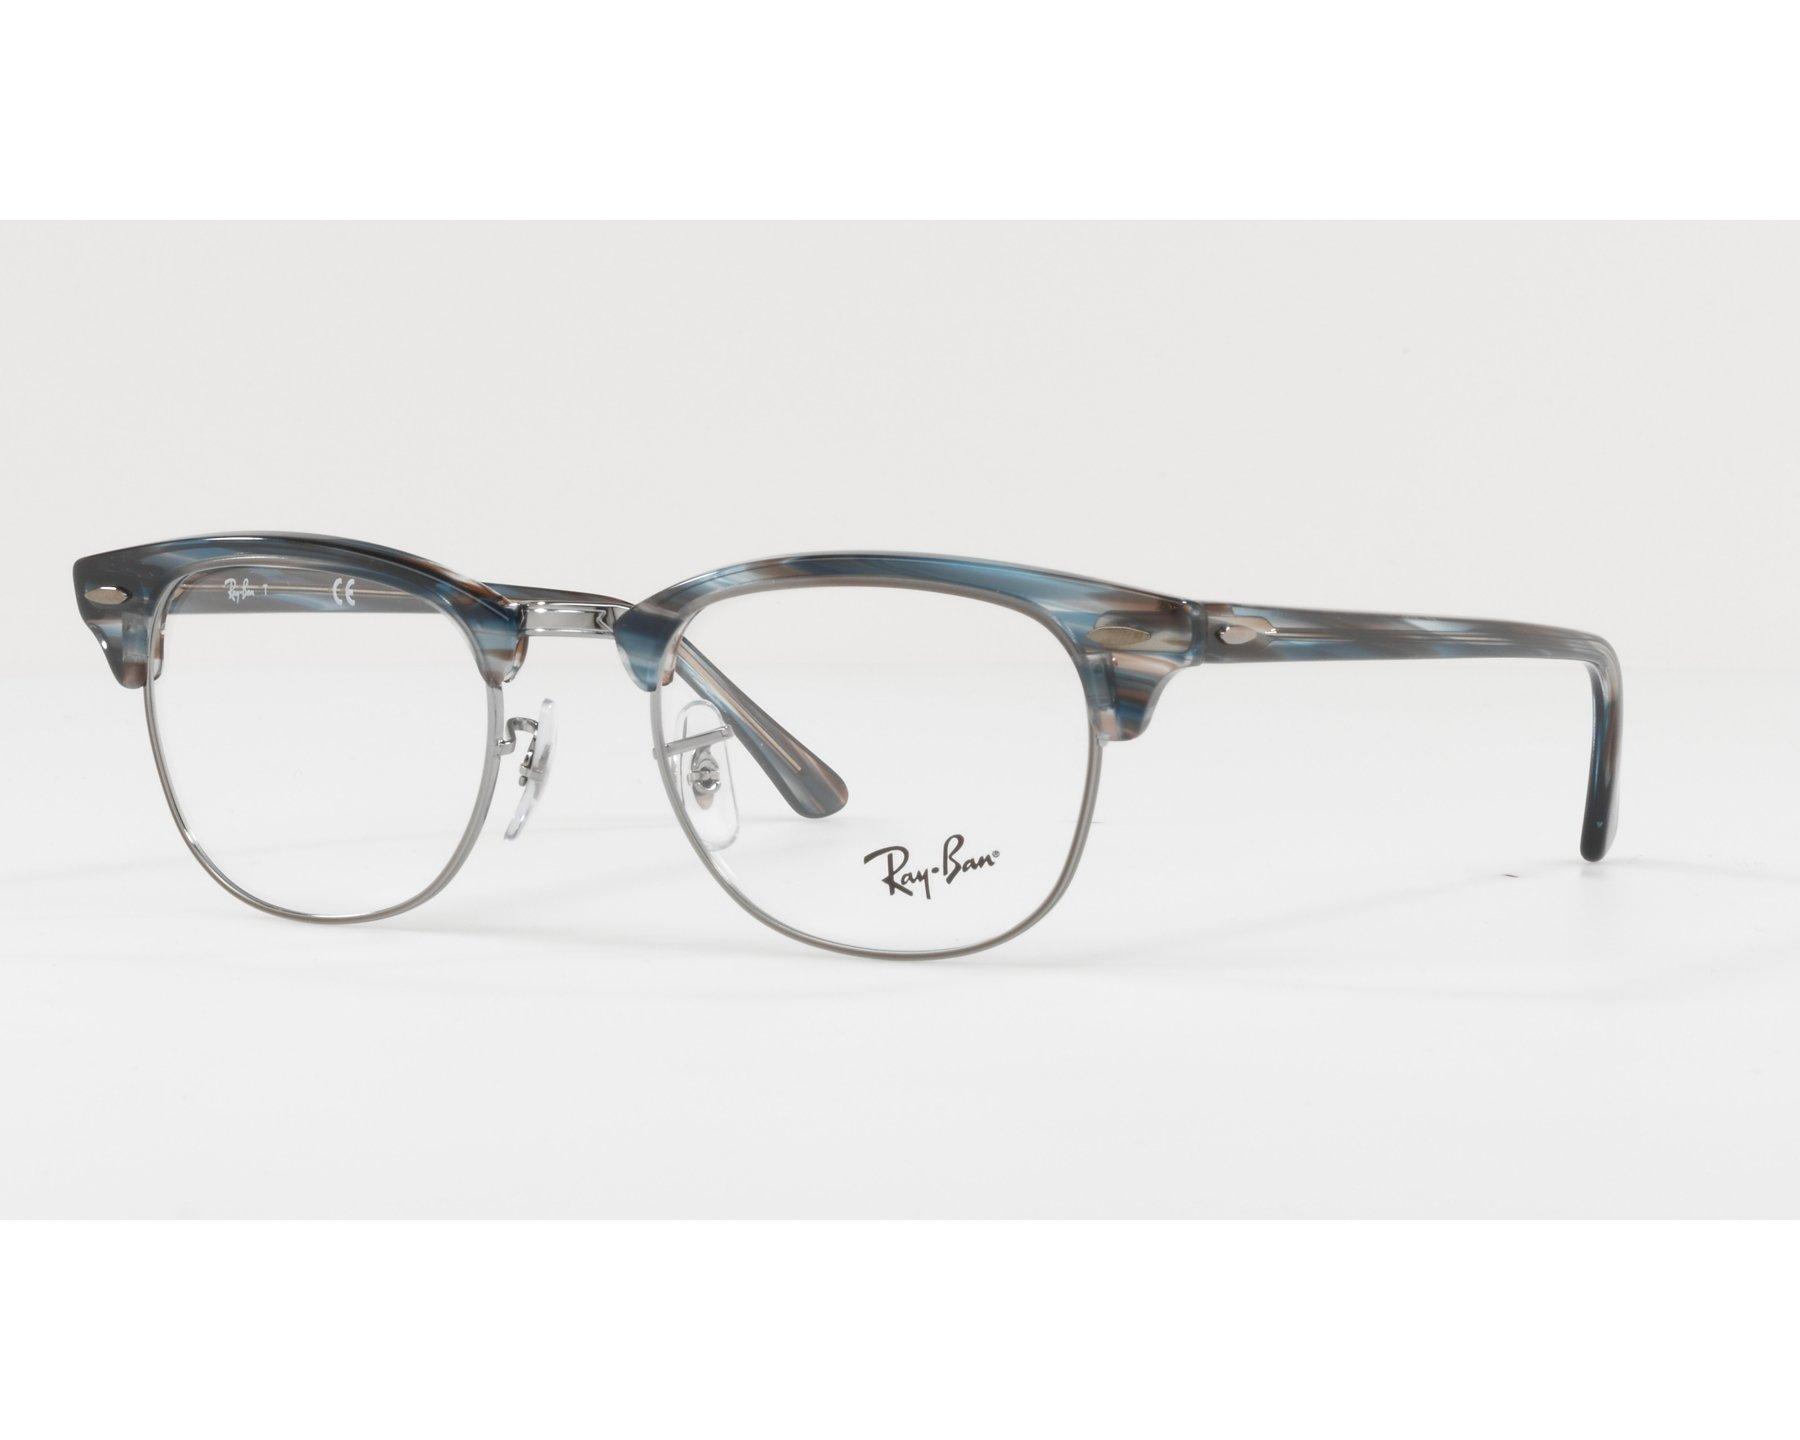 44889b1dd1 ... denmark eyeglasses ray ban rx 5154 5750 49 21 green gun a0403 533b6